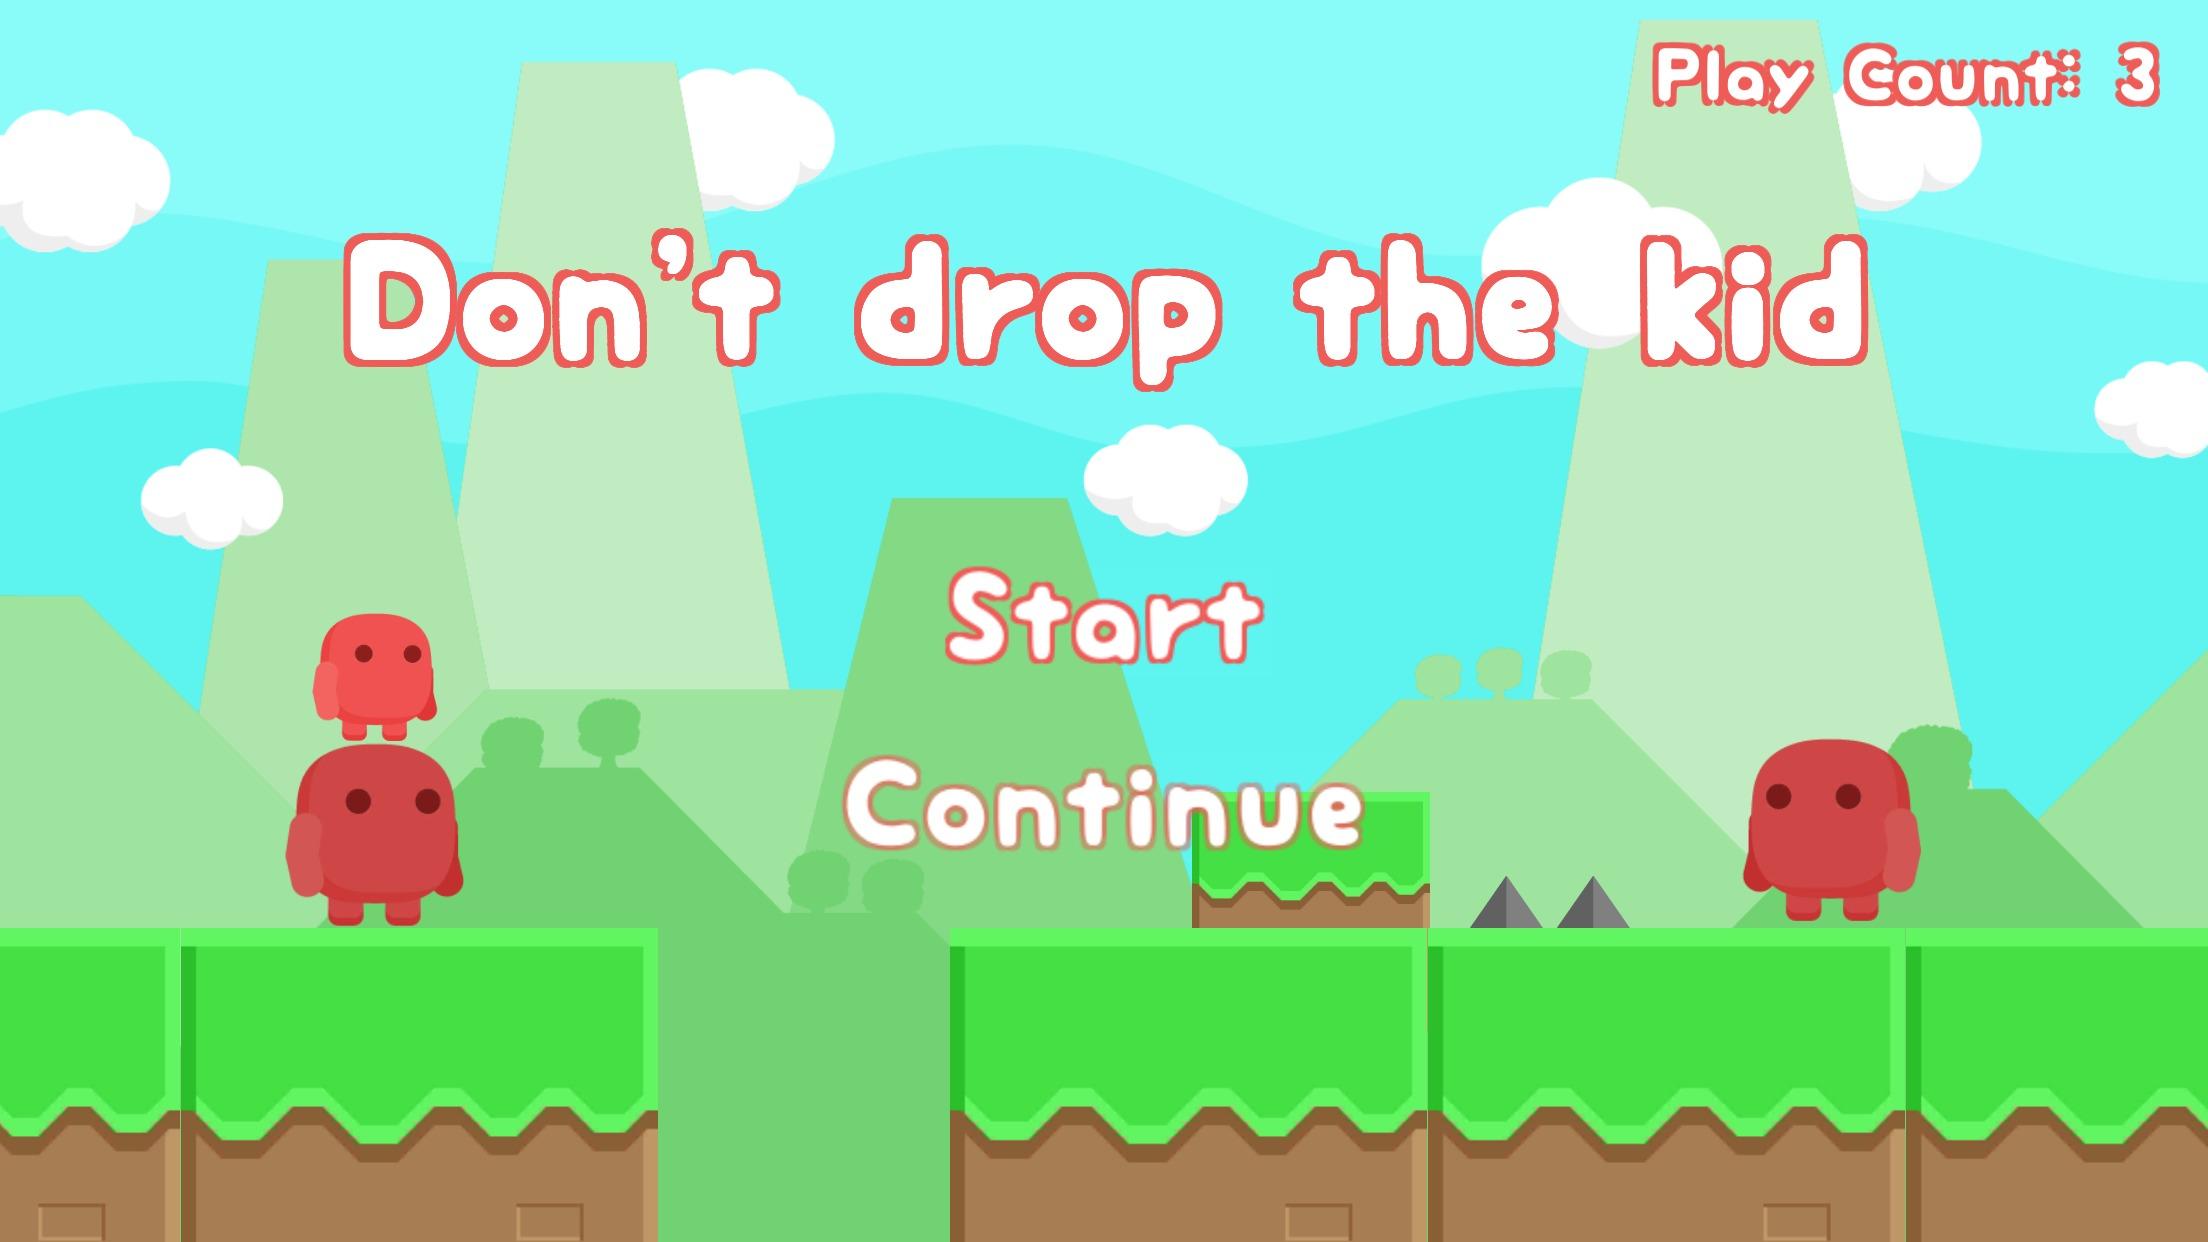 高難易度バランスアクションゲーム「Don't Drop!」をリリースしました。